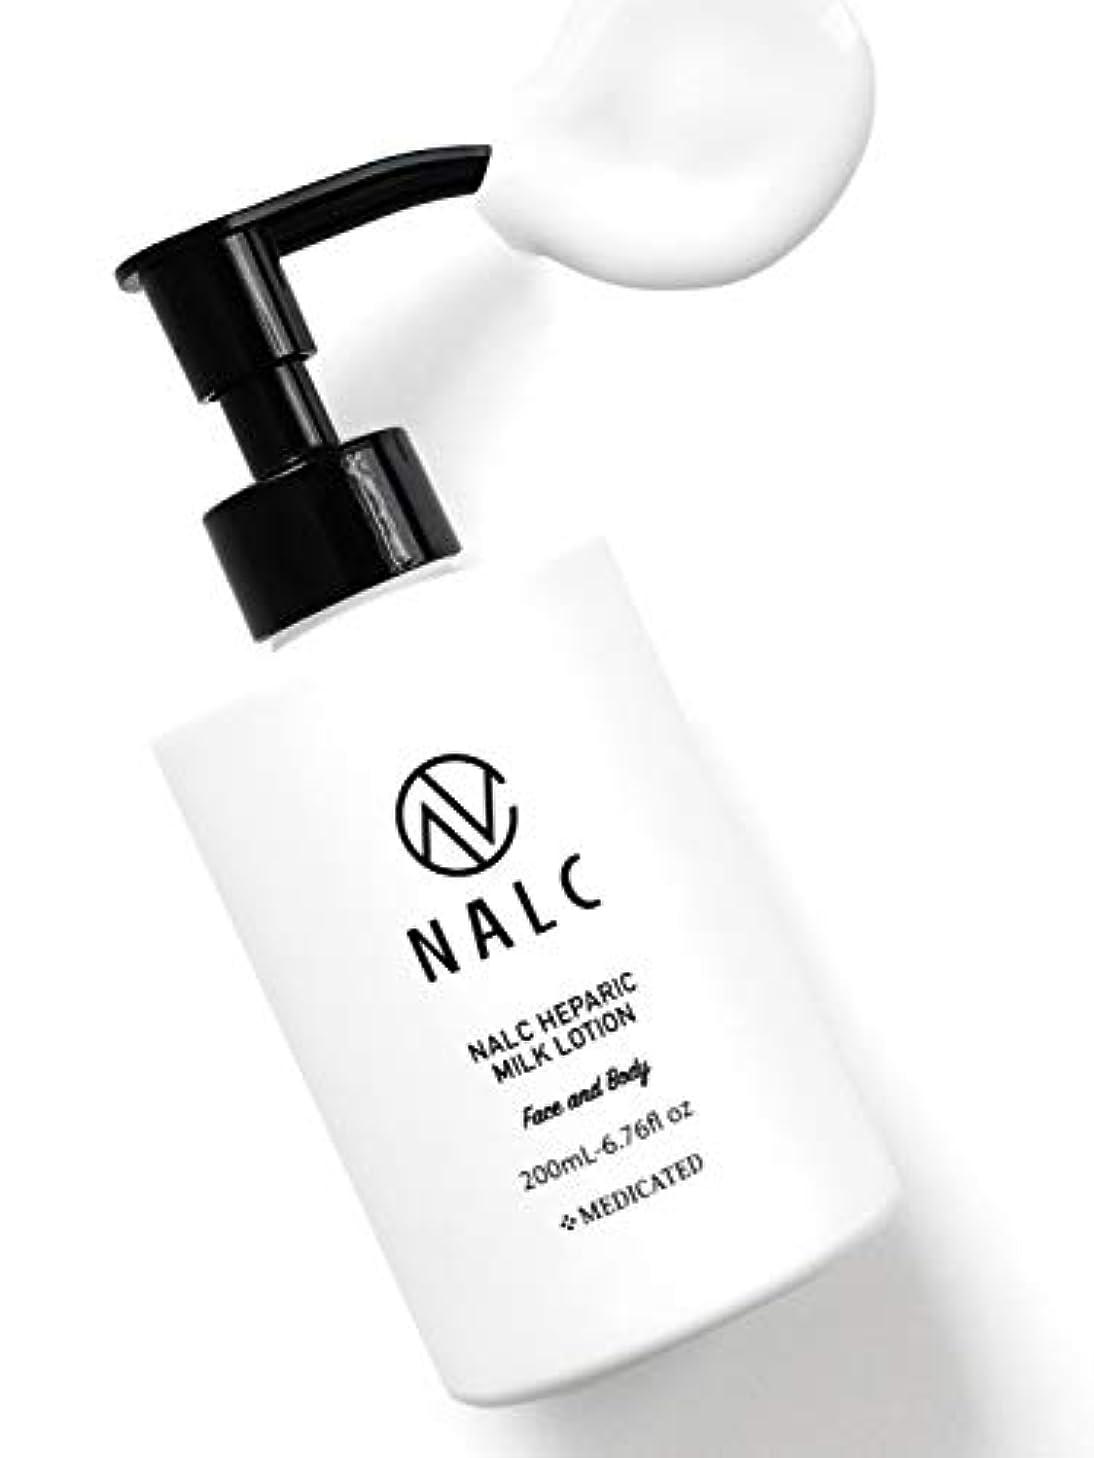 野心的ふりをする上陸NALC ヘパリン 乳液 (乾燥肌の救世主 ヘパリン類似物質 配合) (全身 に使えるから ボディローション としても オススメ) 薬用 ヘパリン ミルクローション (顔 & 全身 用) 200mL ボディクリーム ハンドクリーム ボディミルク ポンプ式 ニキビ を防ぐ